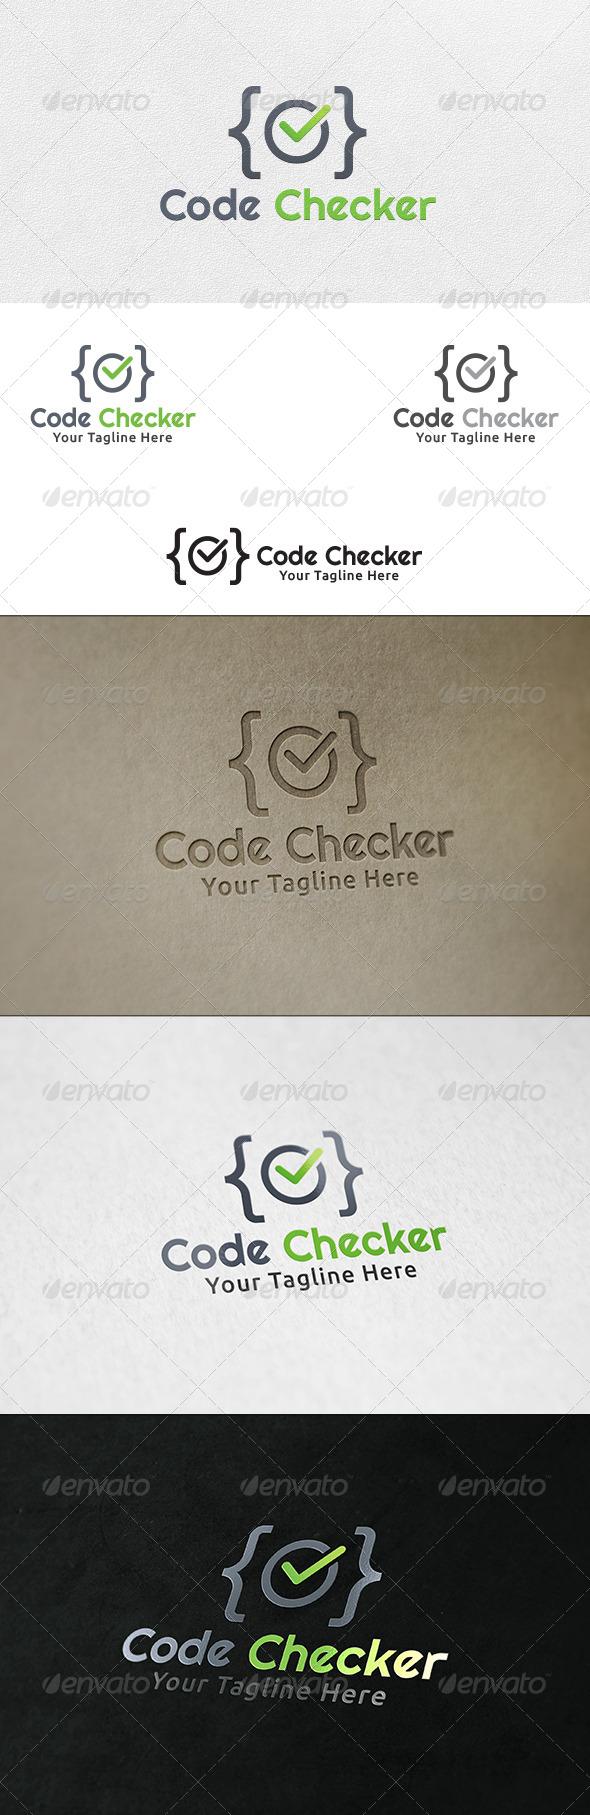 Code Checker - Logo Template